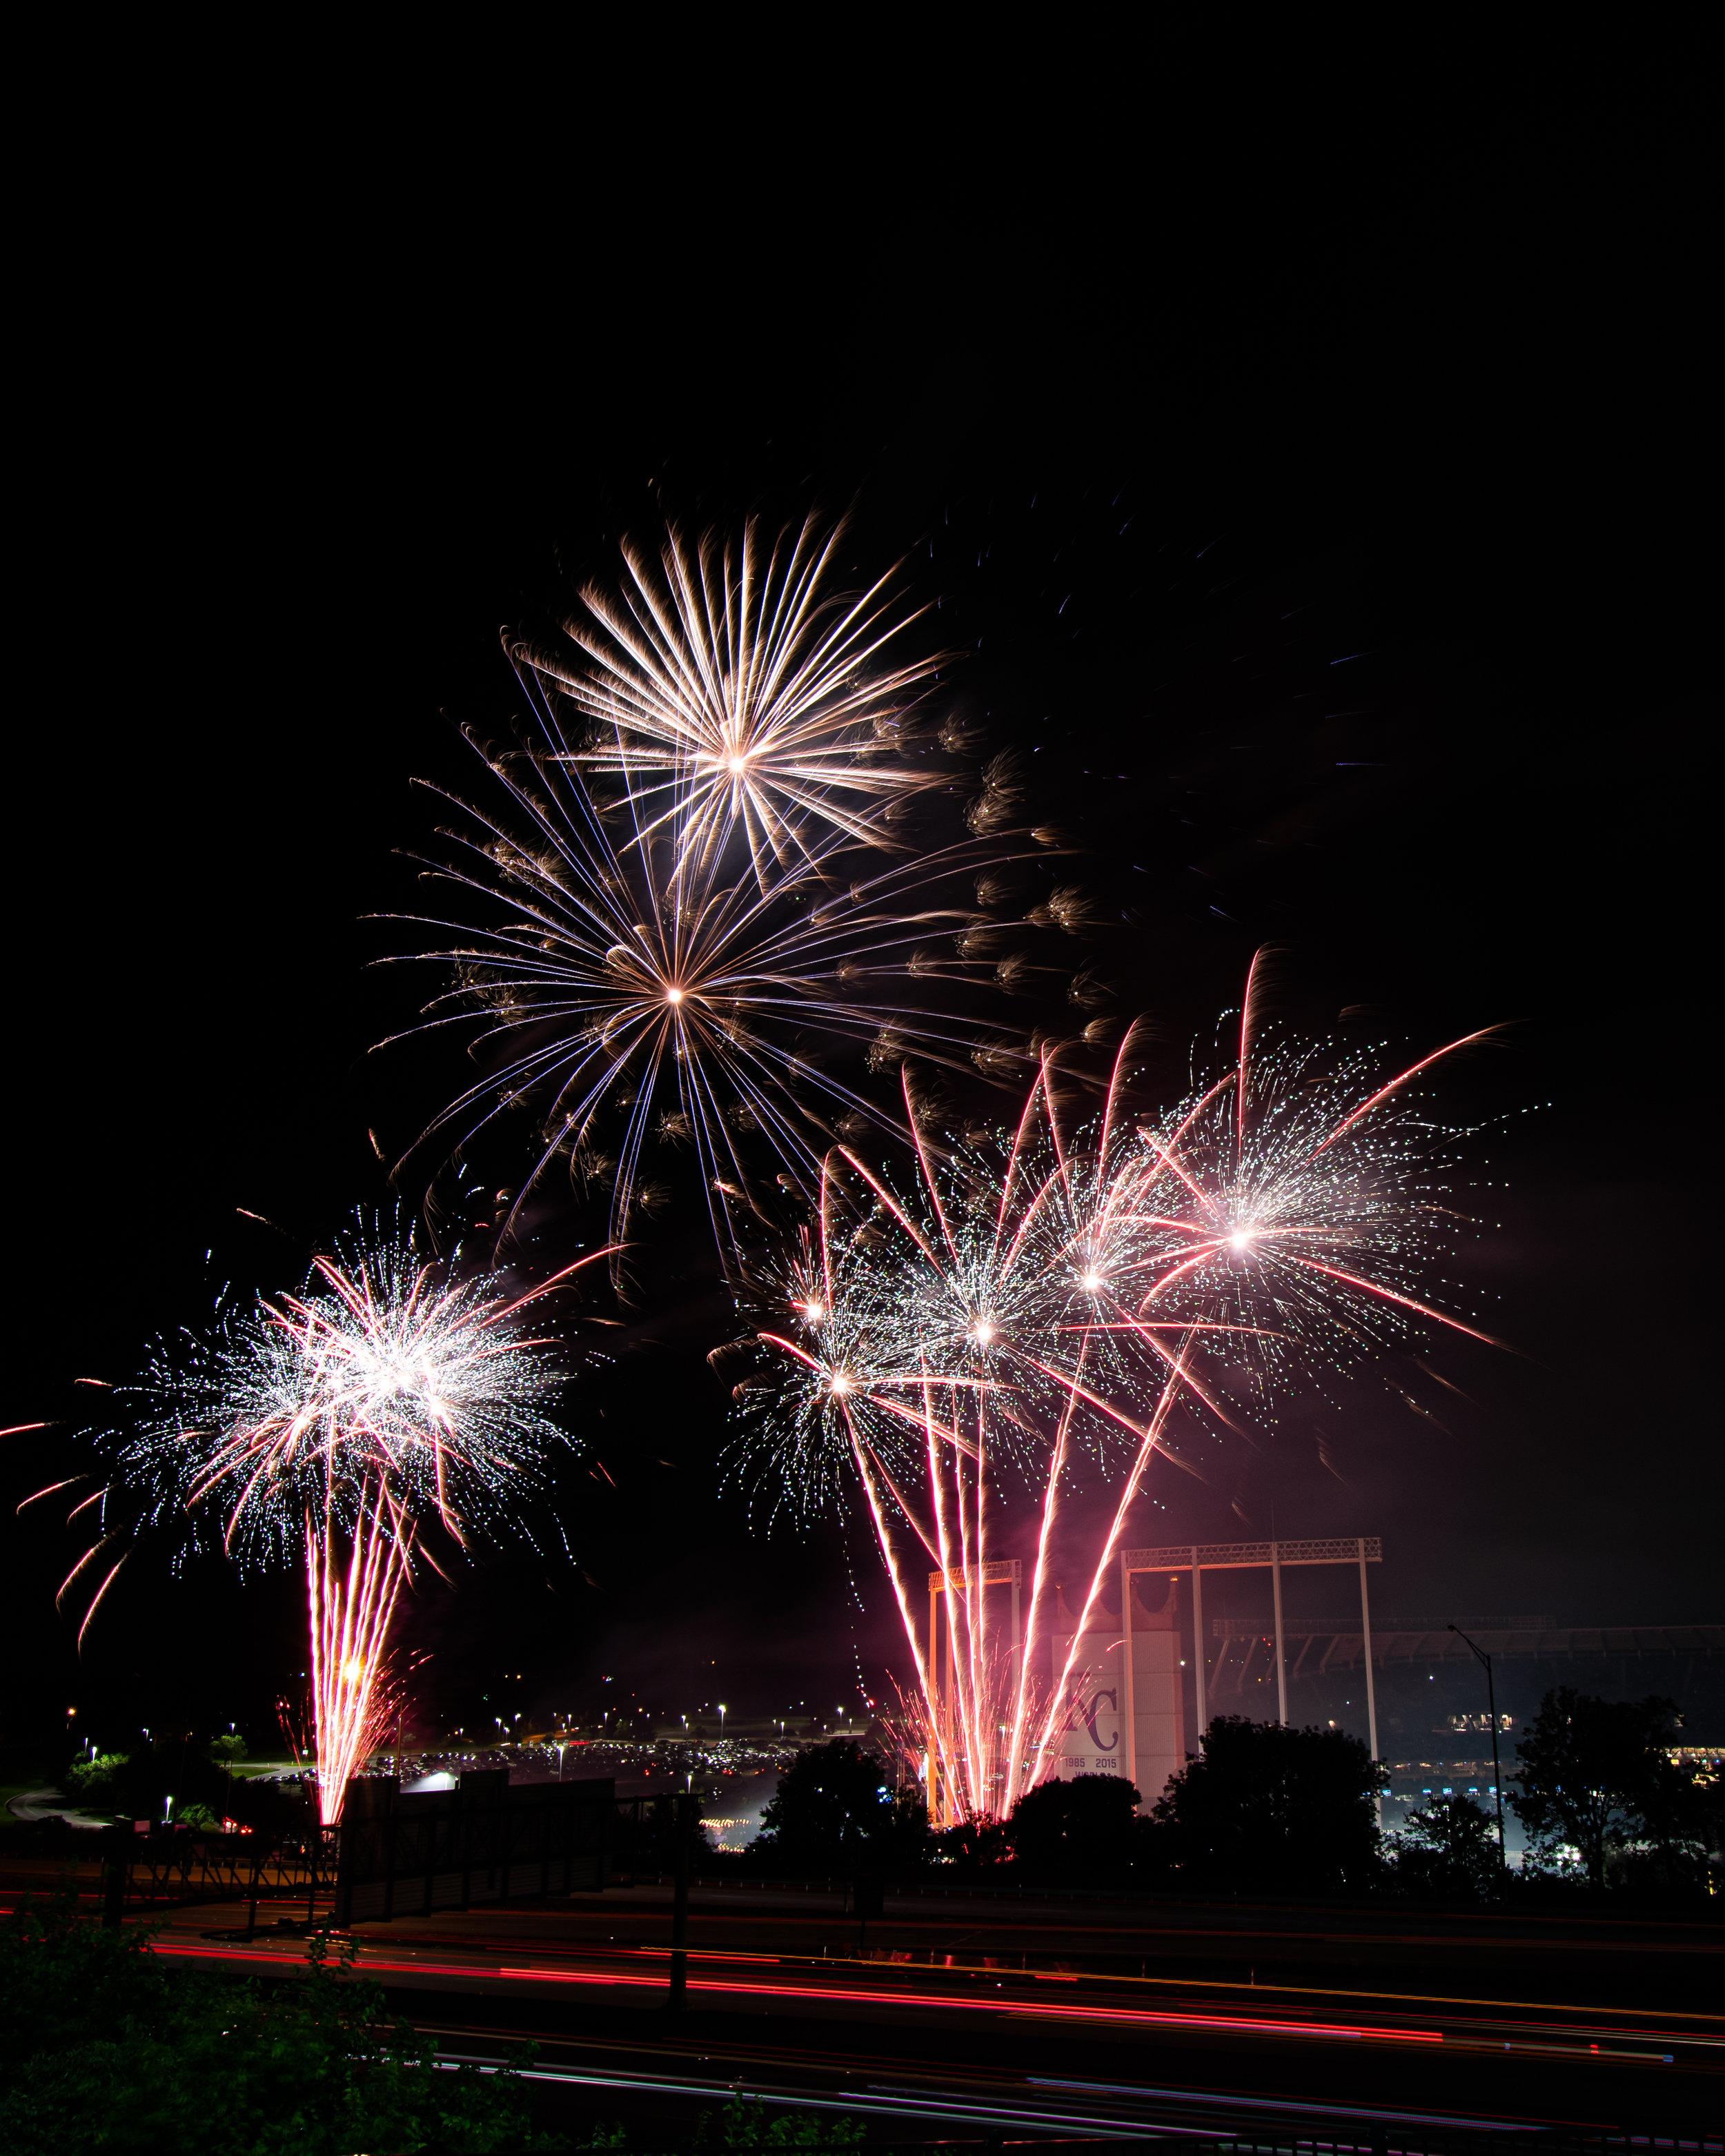 firework-friday-7-of-51_48108389047_o.jpg